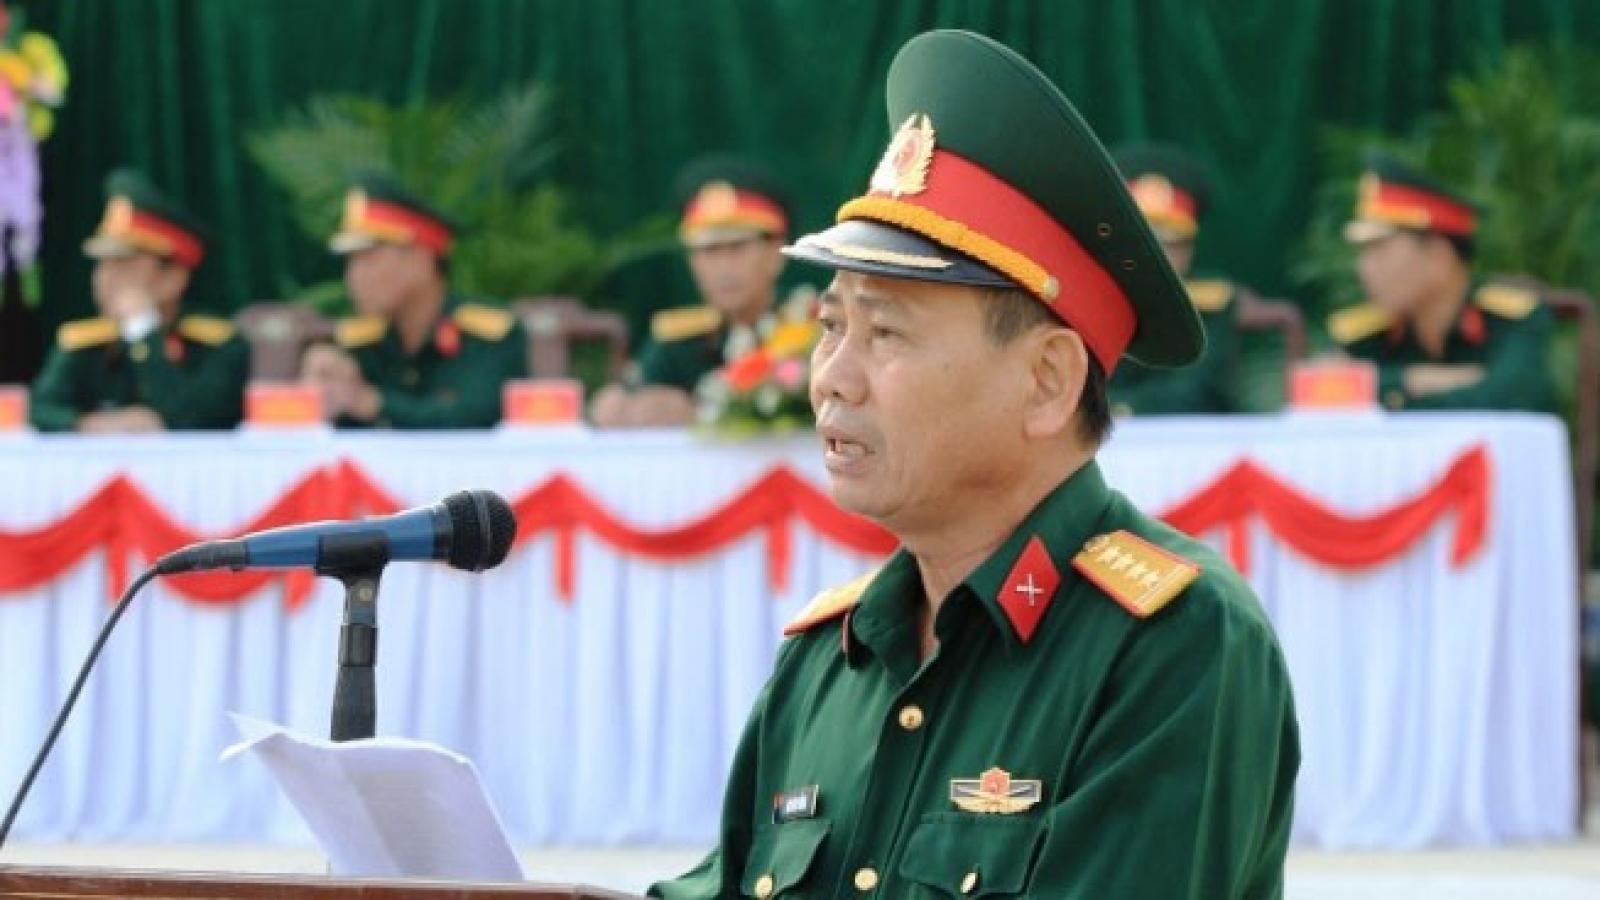 Thủ tướng bổ nhiệm 2 Đại tá giữ chức Phó Tư lệnh Quân khu 1 và 5